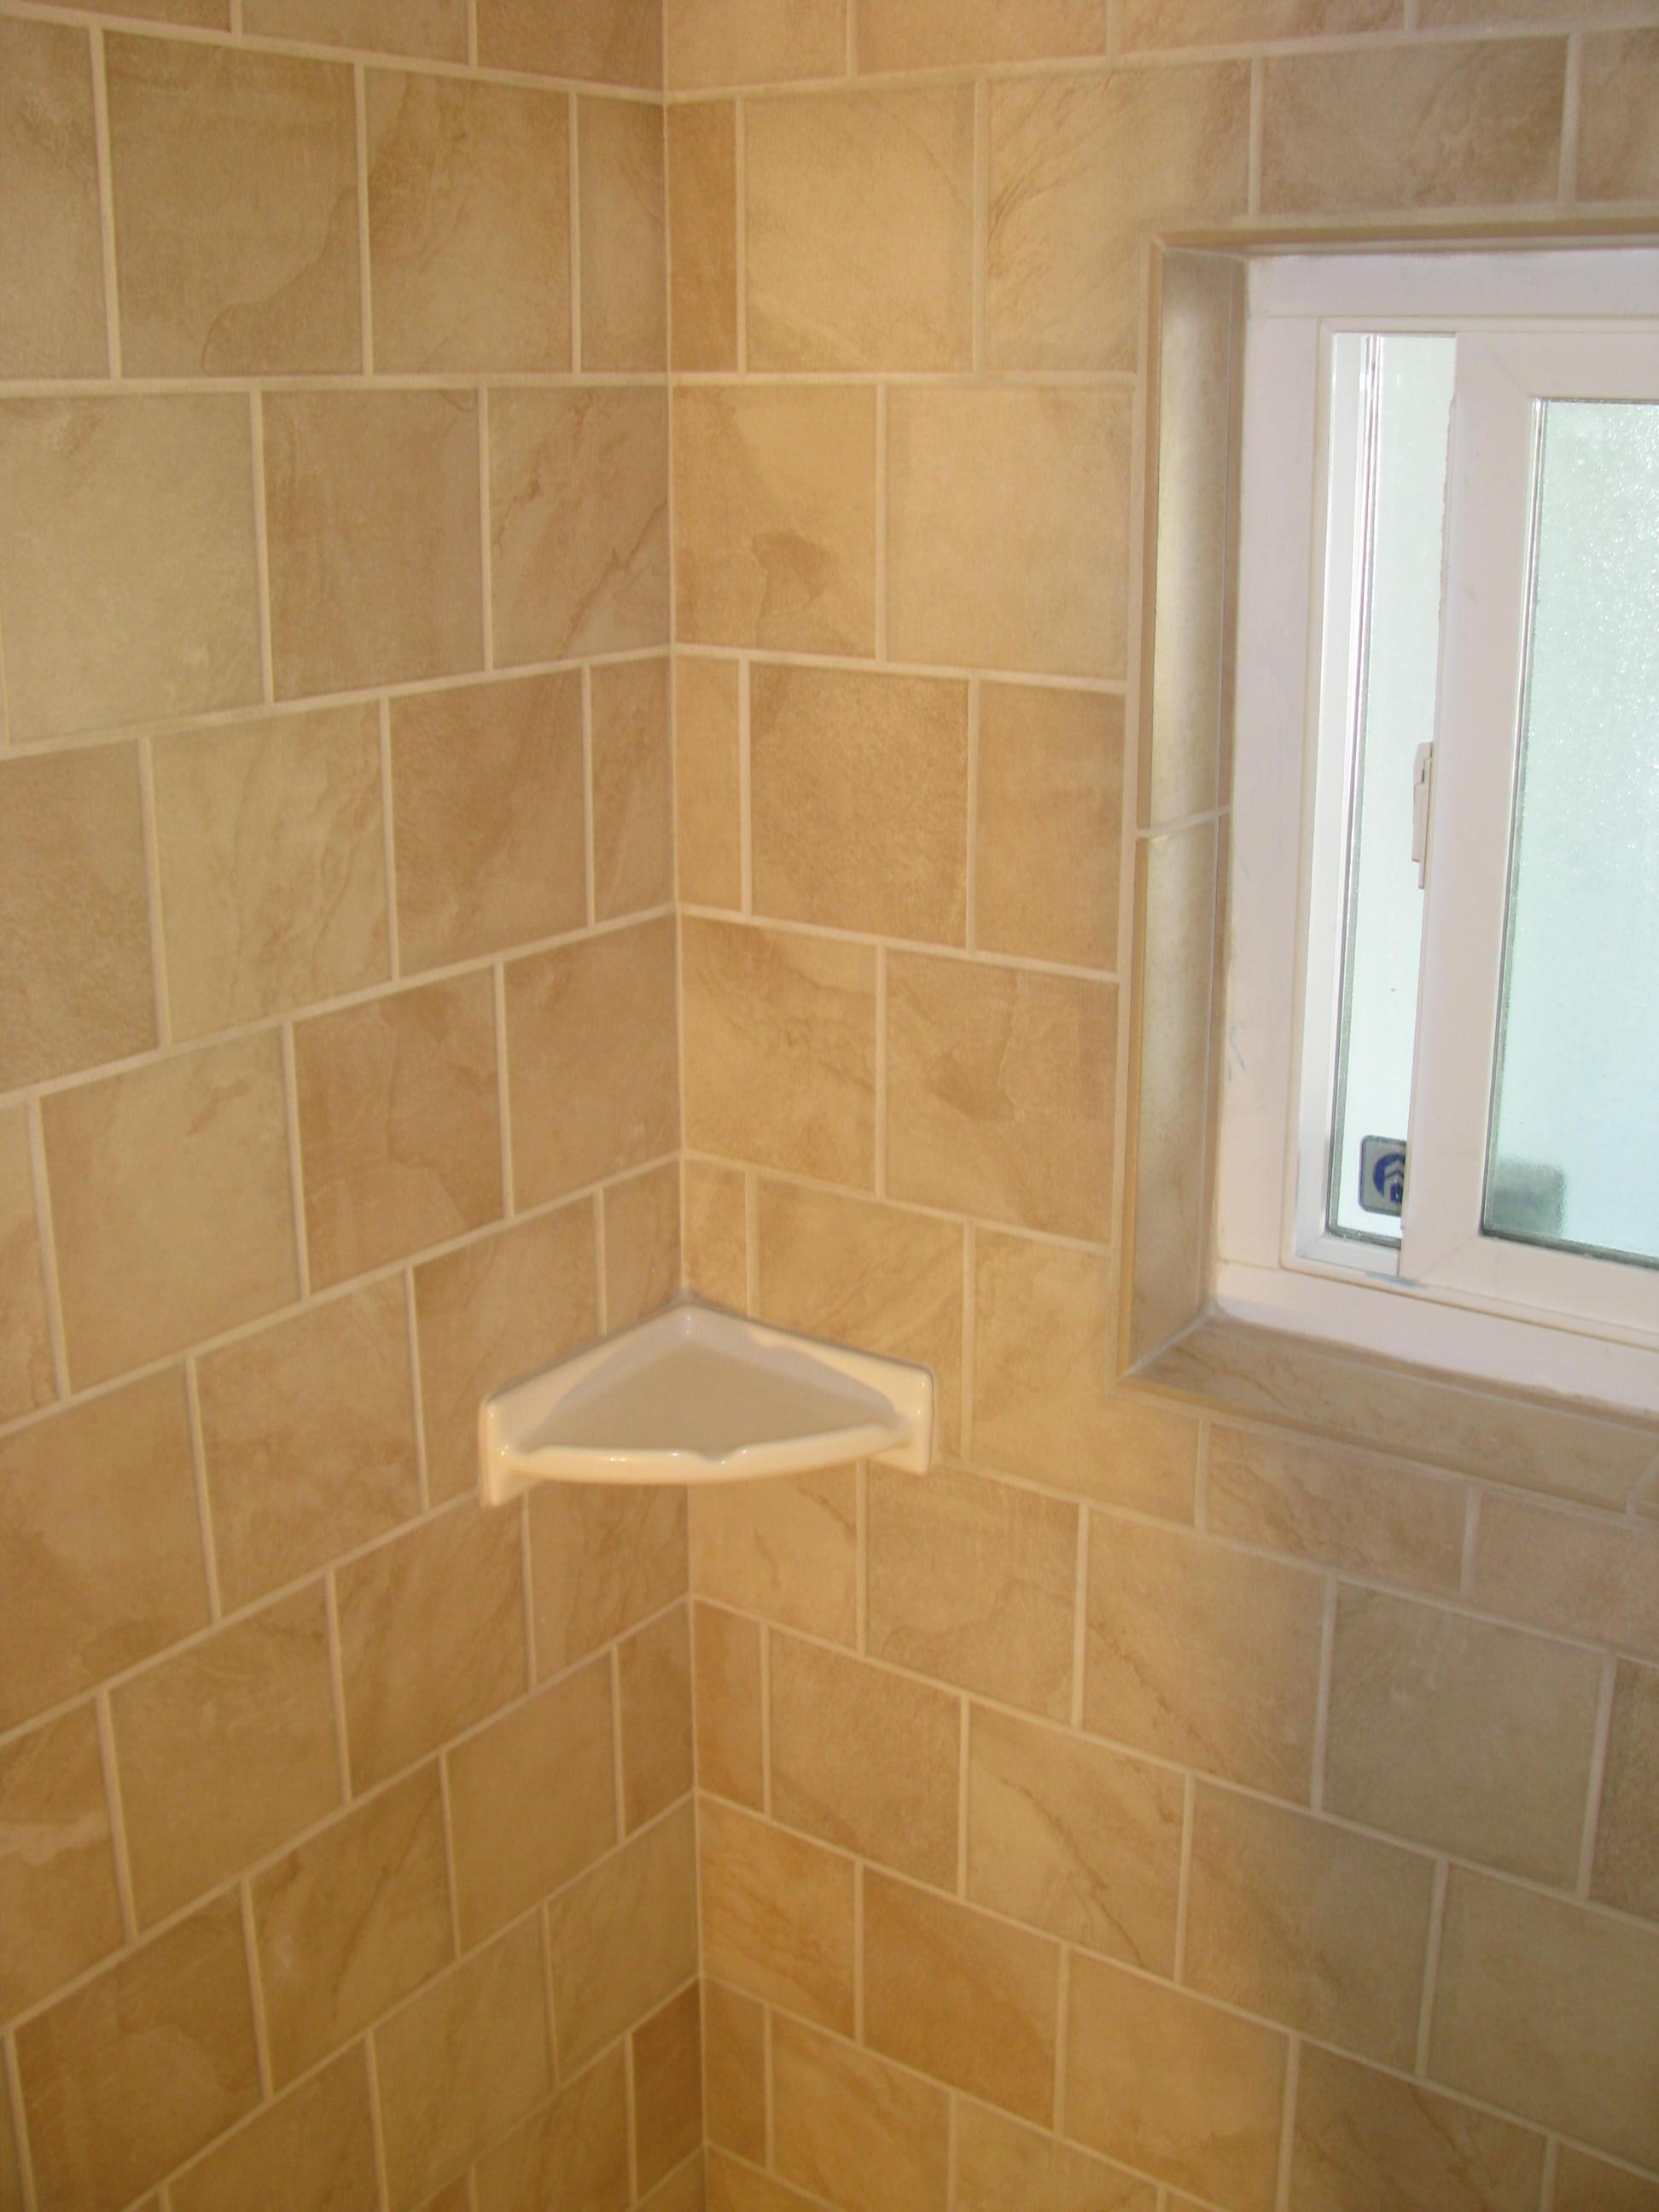 Tub Shower Wall Corner left side.JPG